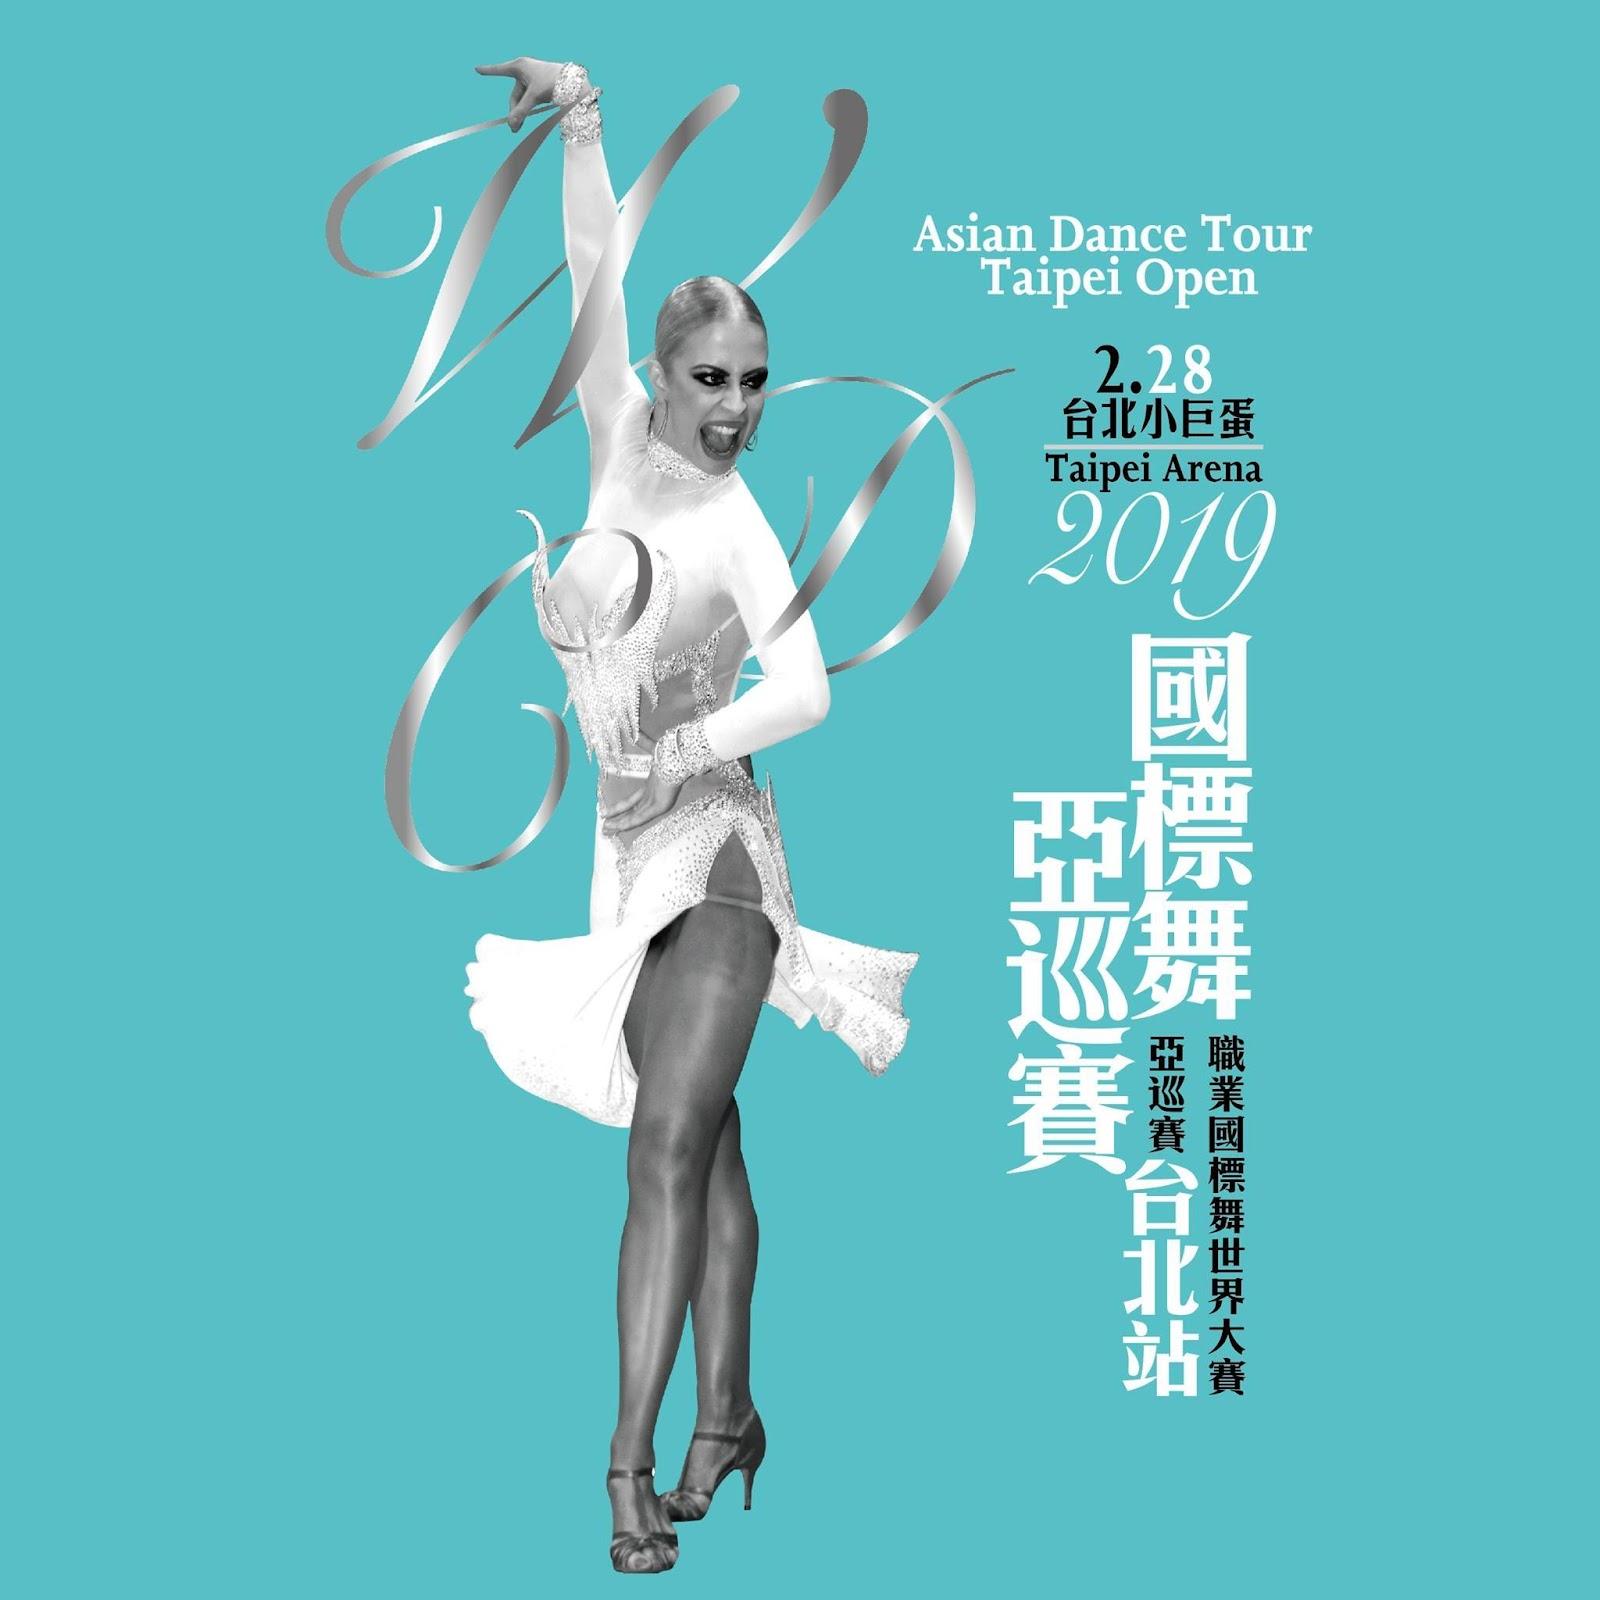 職業國標舞大賽 WDC 亞巡賽,每年 2 月 28 日在台北小巨蛋盛大舉辦(source: WDC 職業國標舞世界大賽亞巡賽臺北站 Asian Dance Tour Taipei Open)